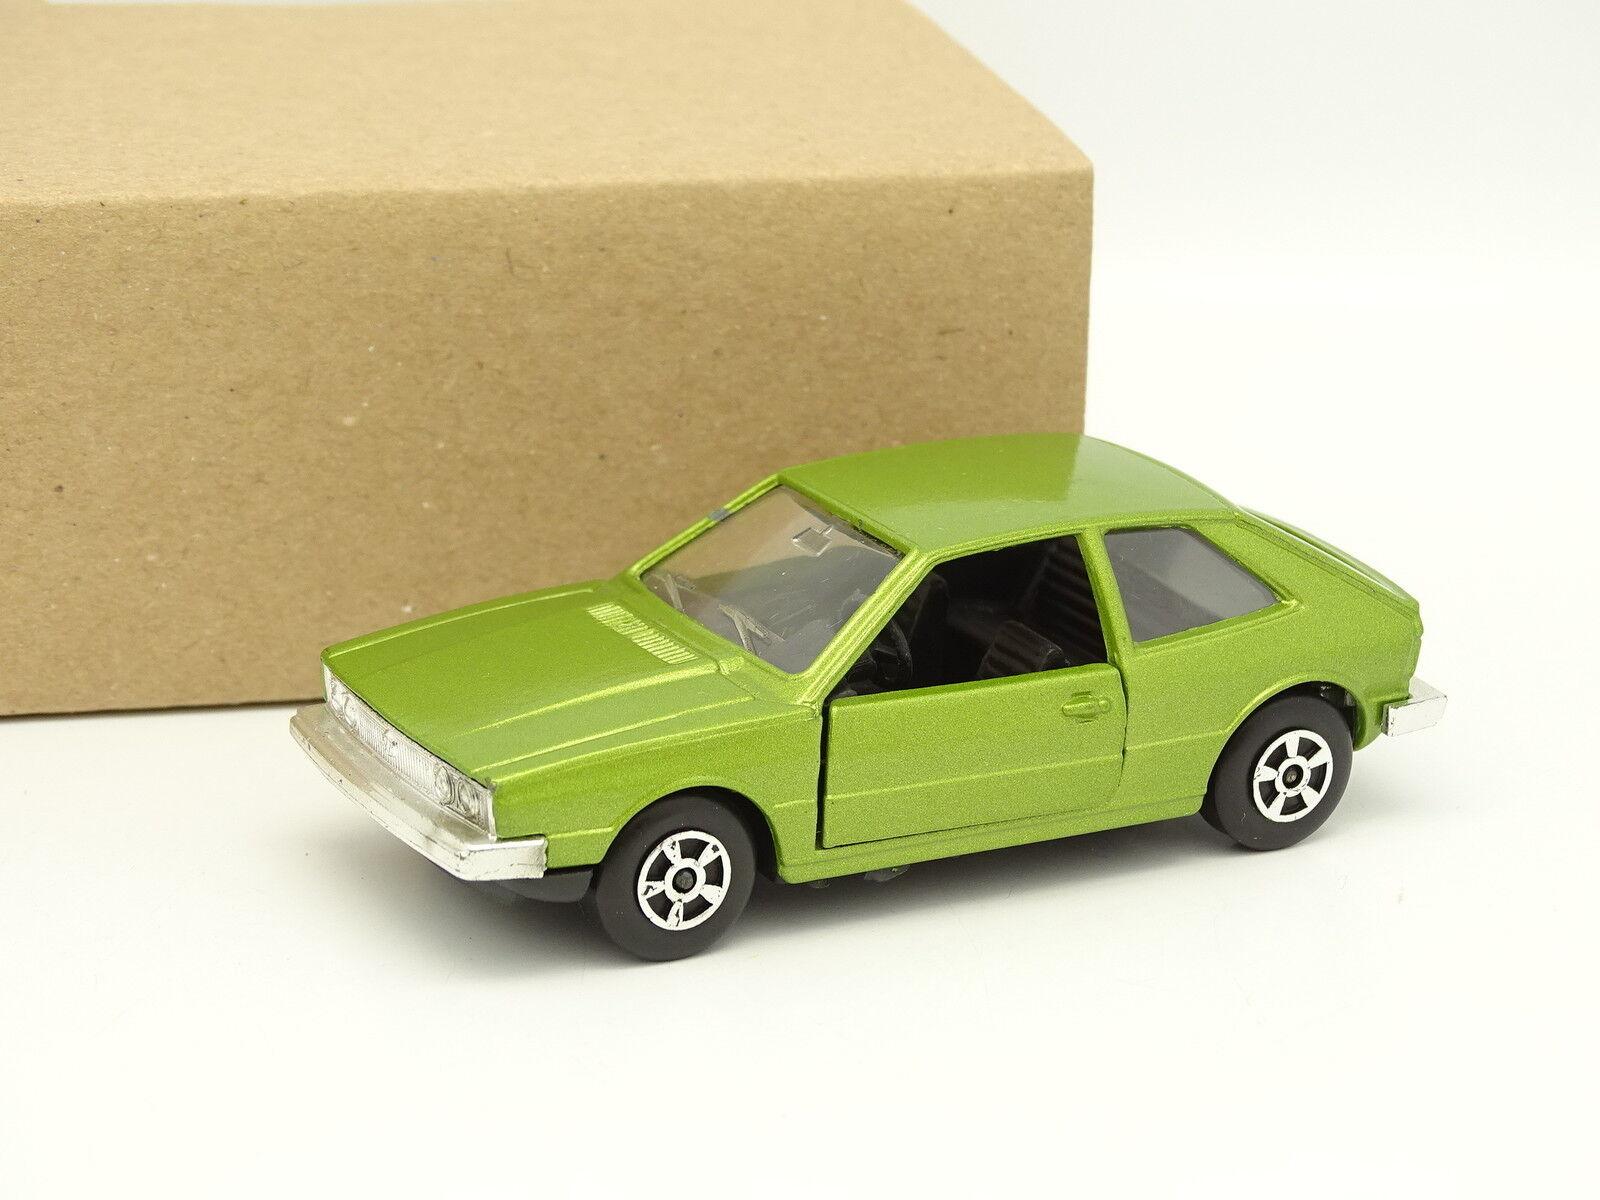 nuevo listado Polistil 1 1 1 43 - VW Scirocco verde  Venta al por mayor barato y de alta calidad.